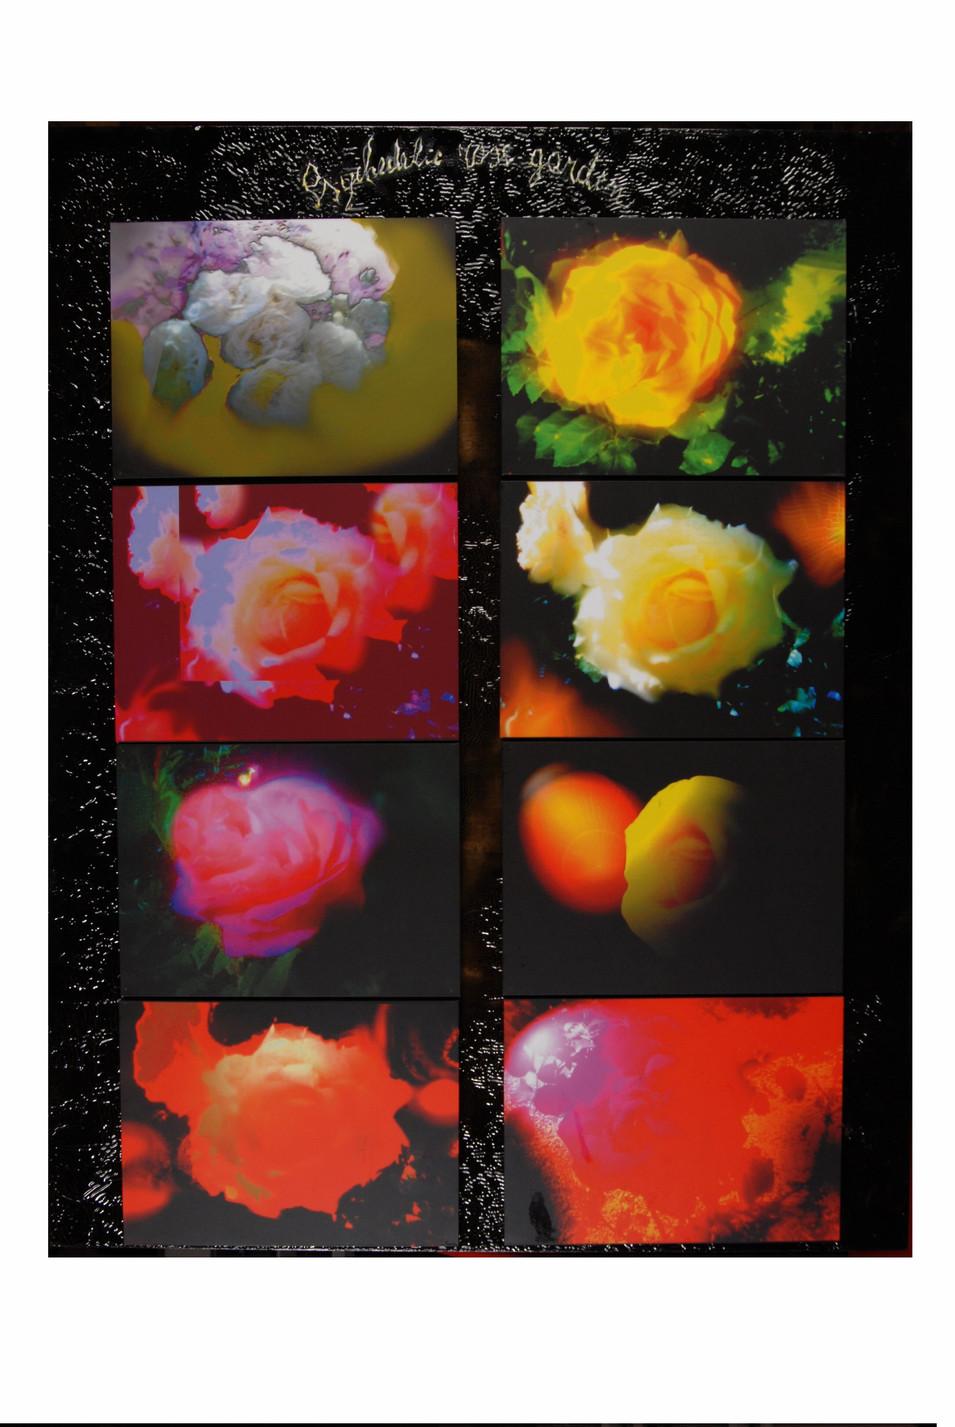 Psychedelic Rose Garden